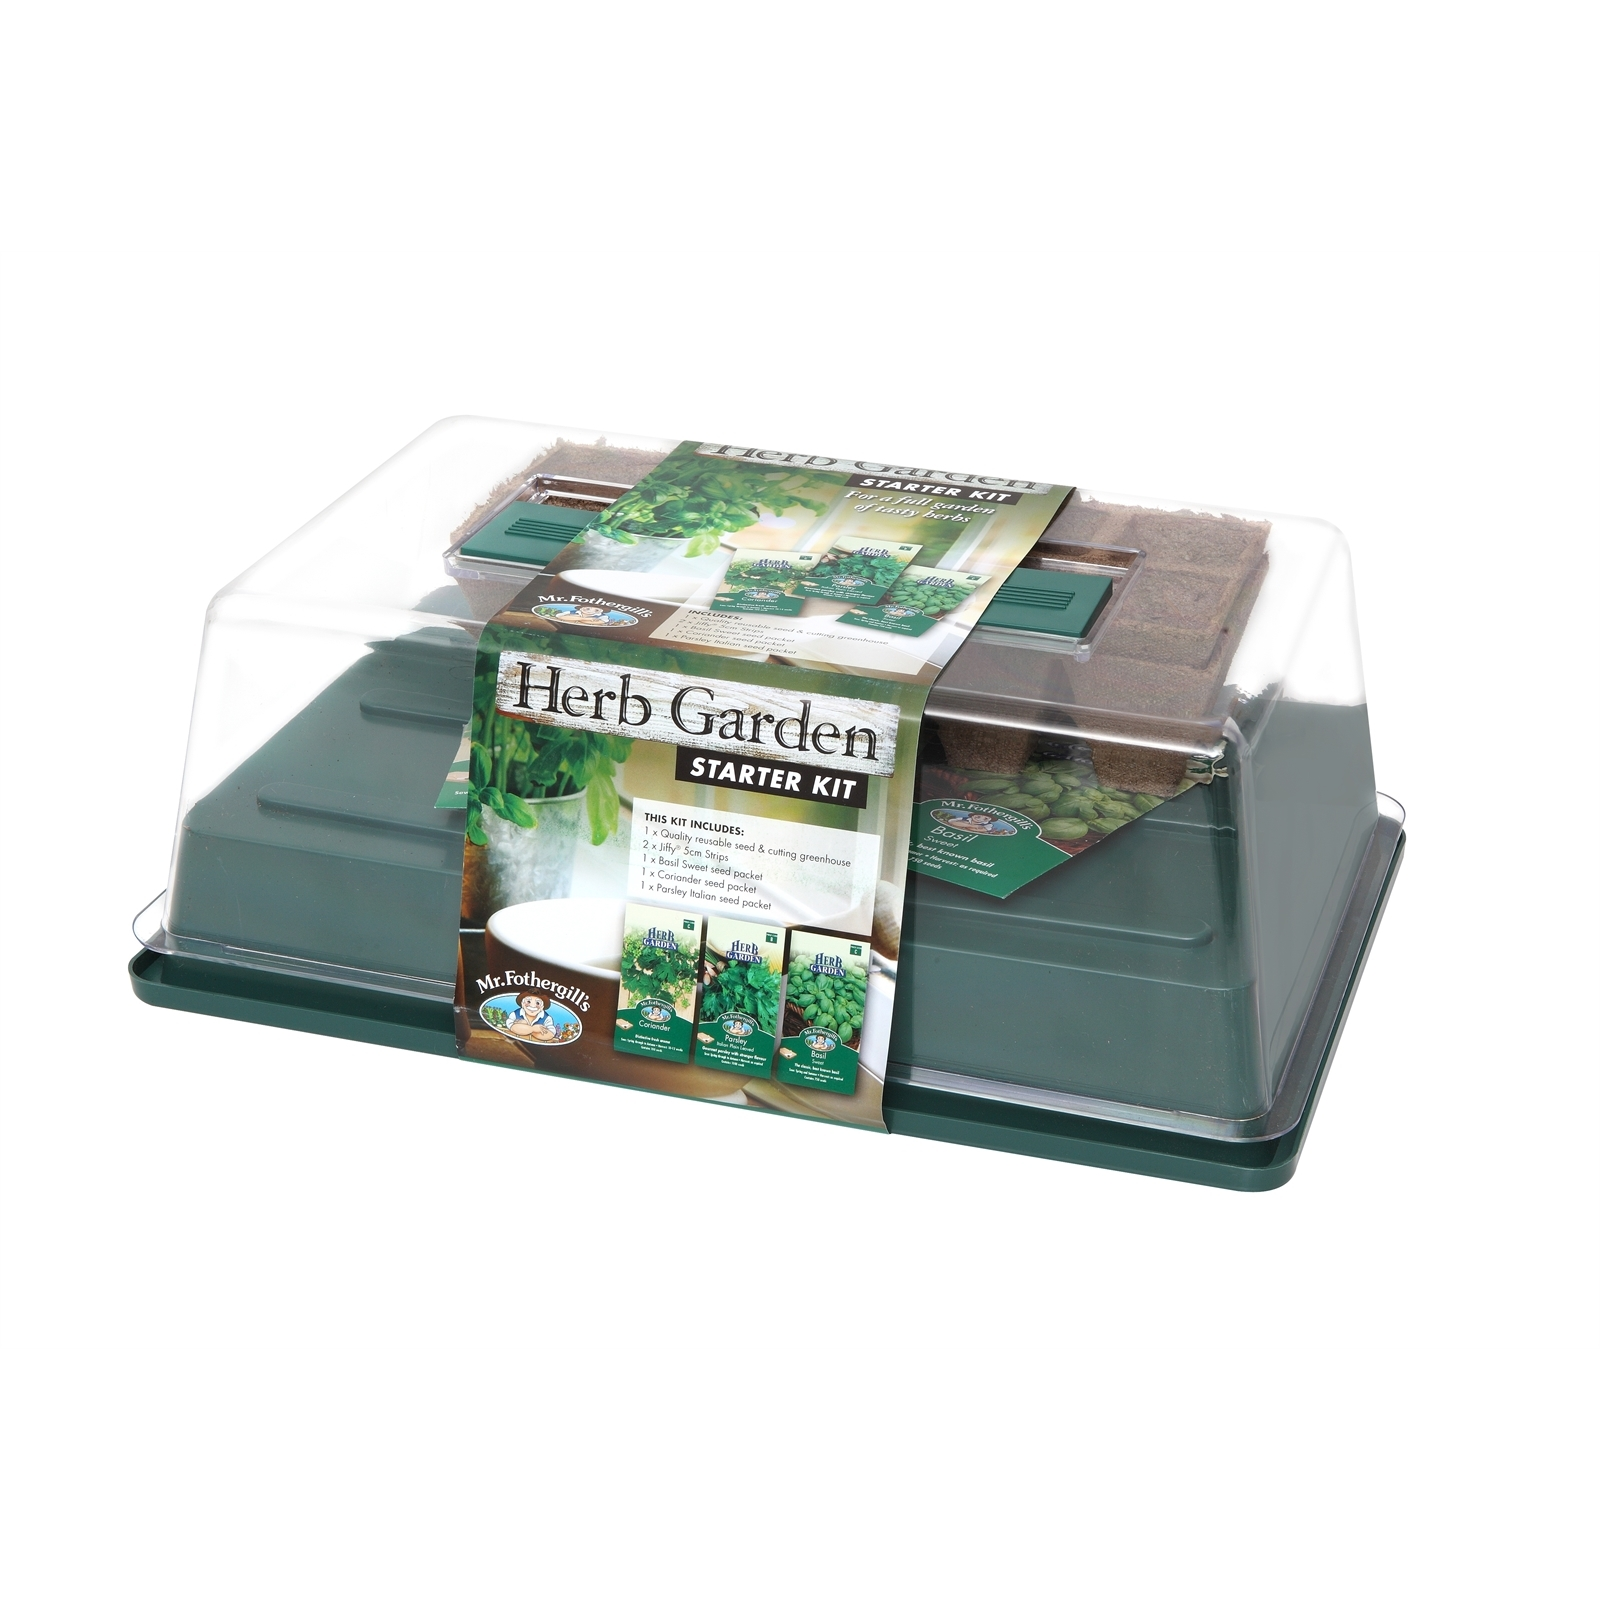 Mr Fothergill's Herb Garden Starter Kit